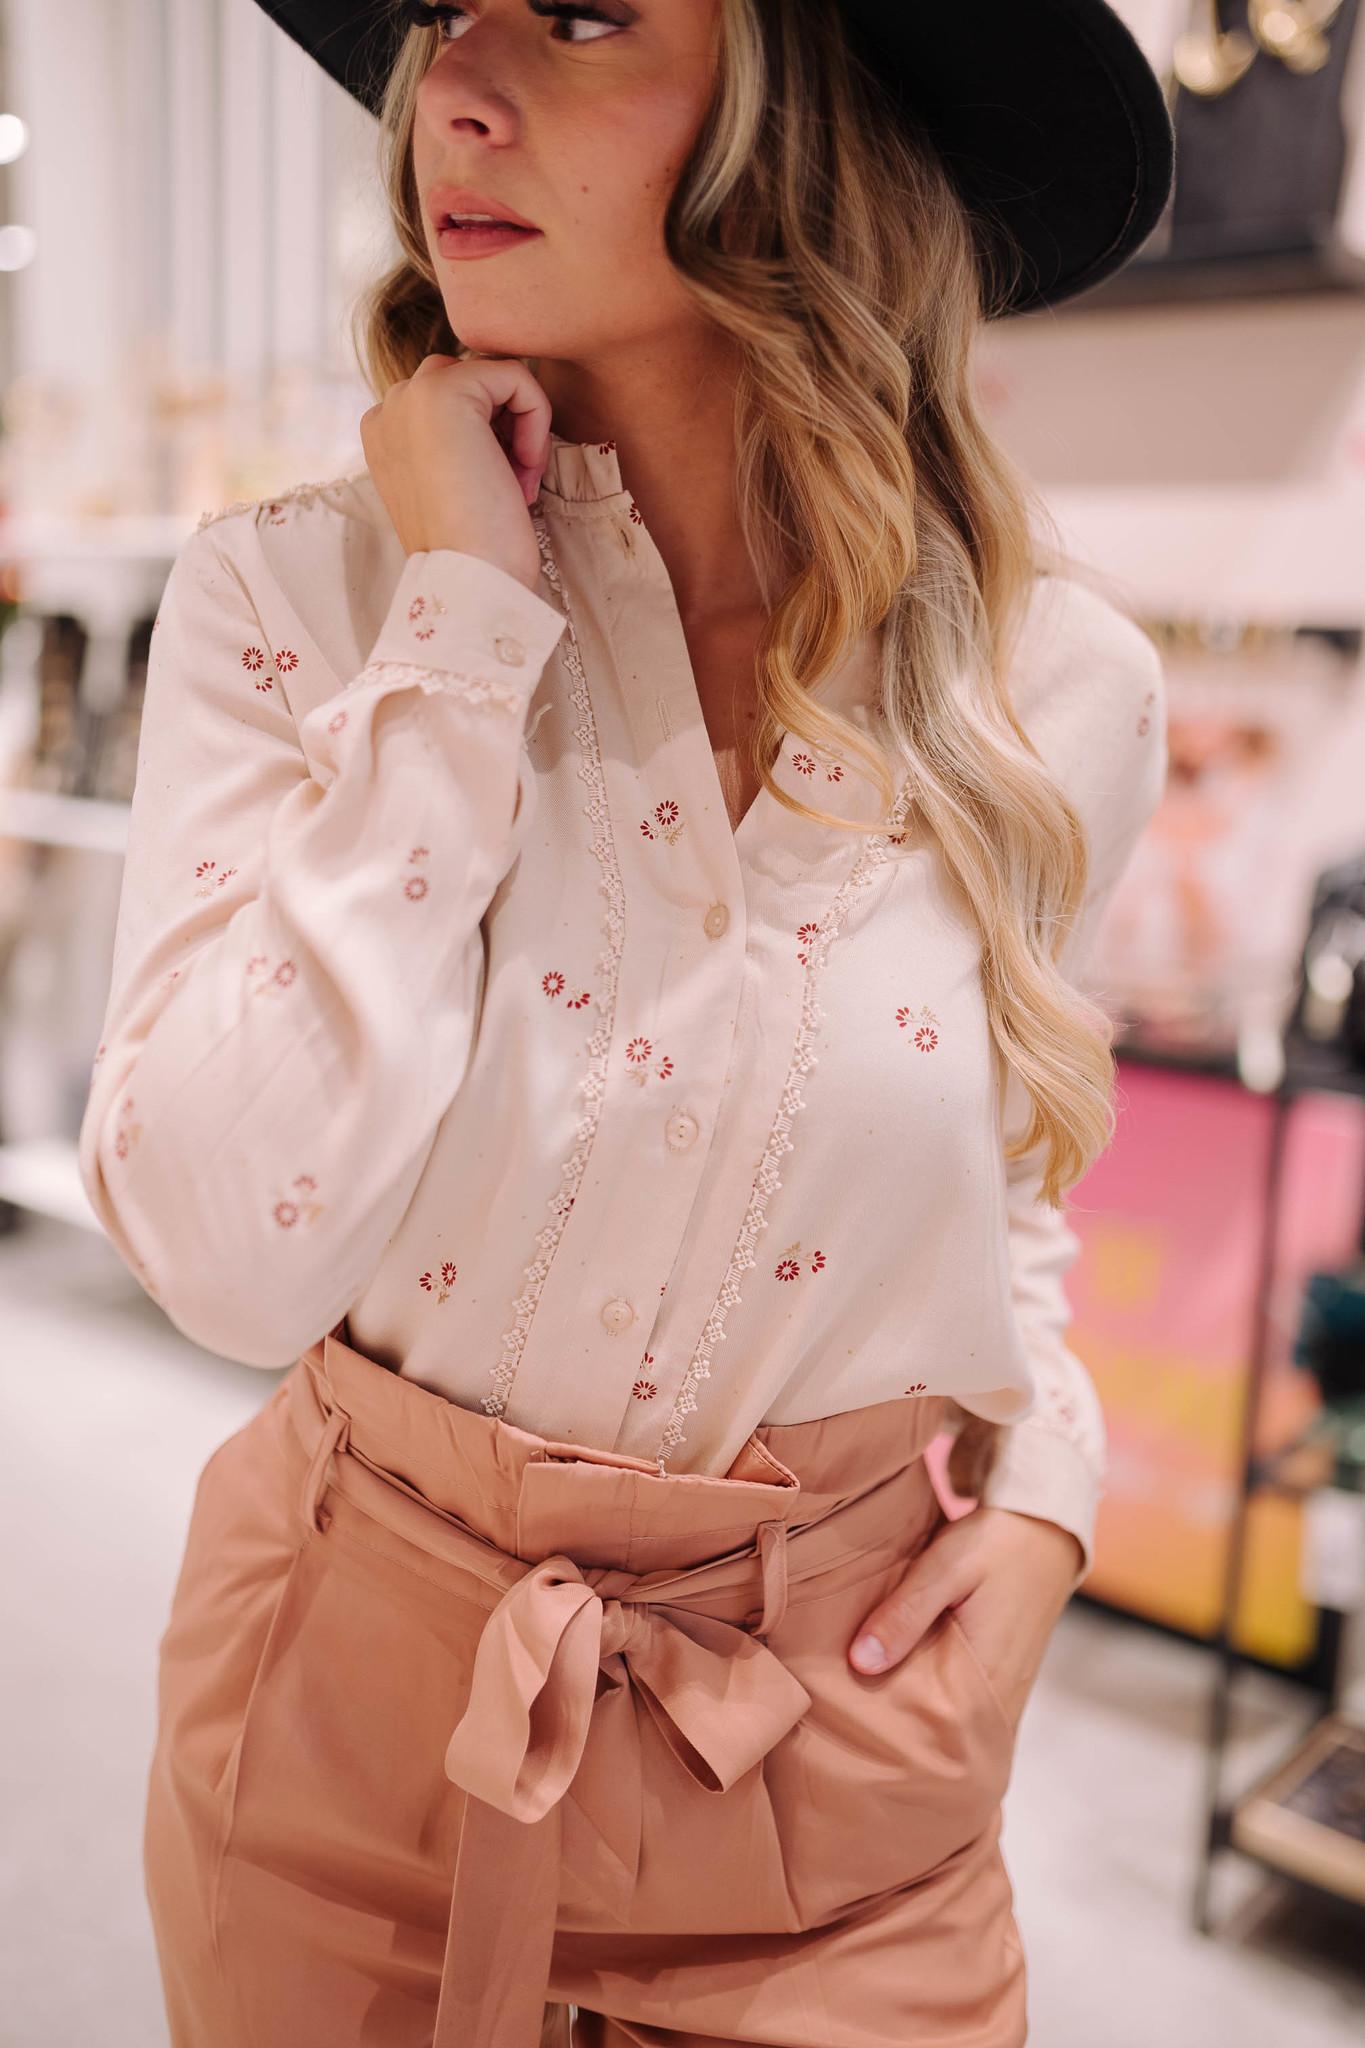 LIMA chemise-2